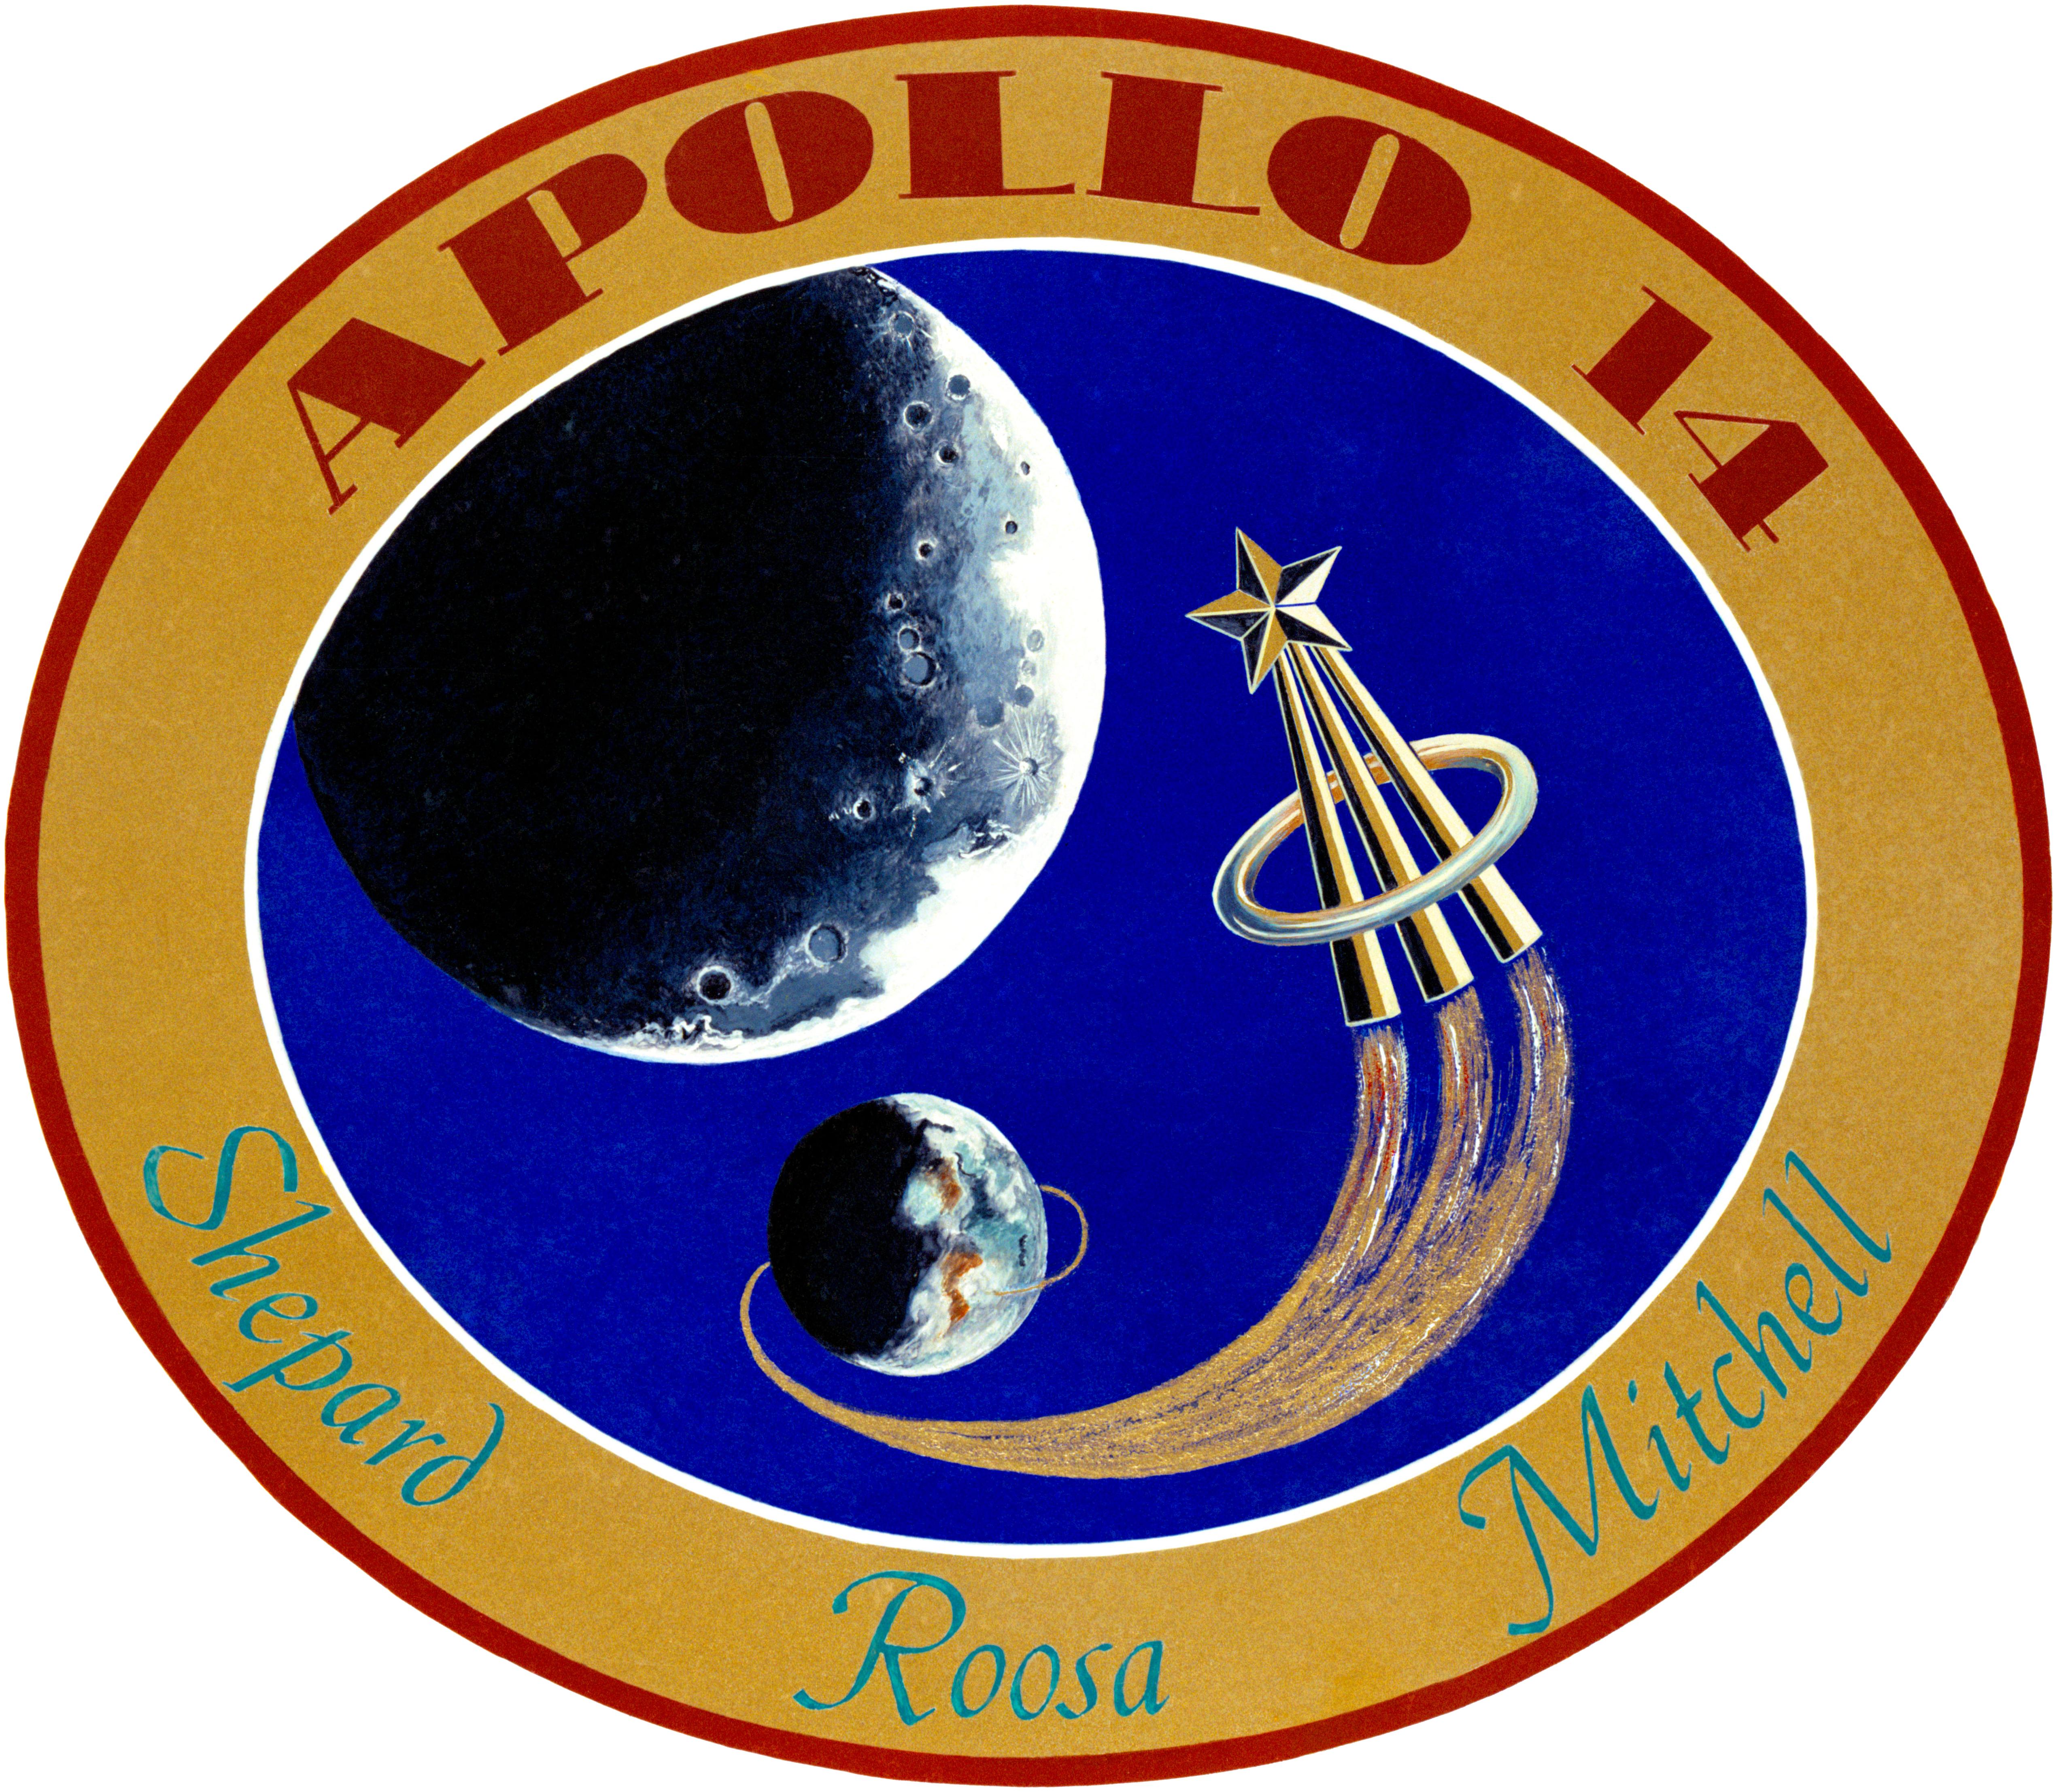 Apollo_14-insignia